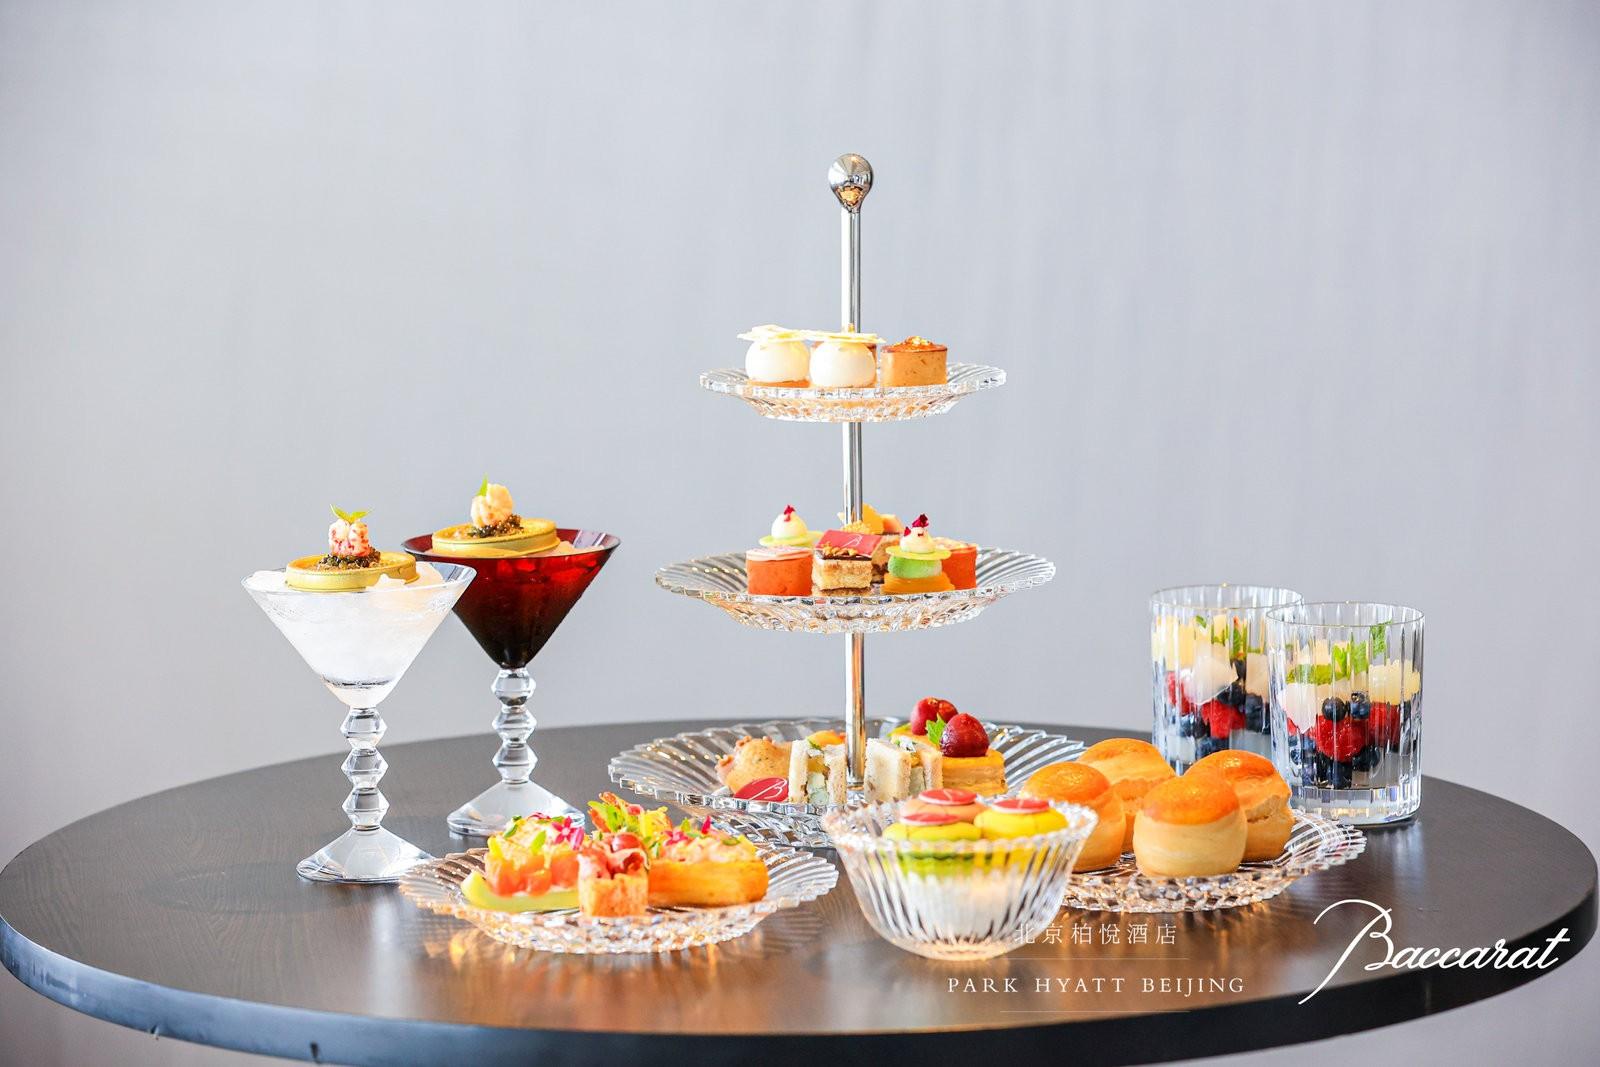 北京柏悦酒店携手巴卡拉BACCARAT推出悦·璨水晶艺术下午茶